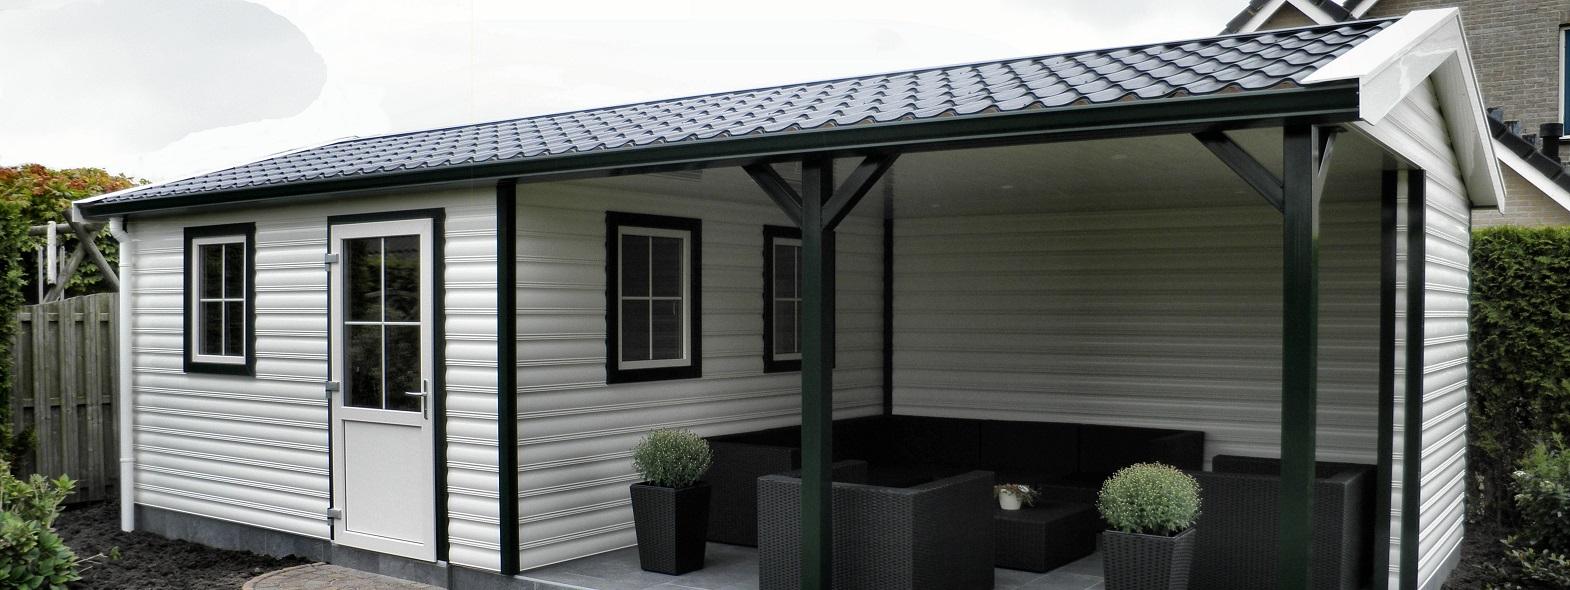 Satteldach Gartenhaus aus Kunststoff mit Terrasse oder Vordach nach Maß bestellen.